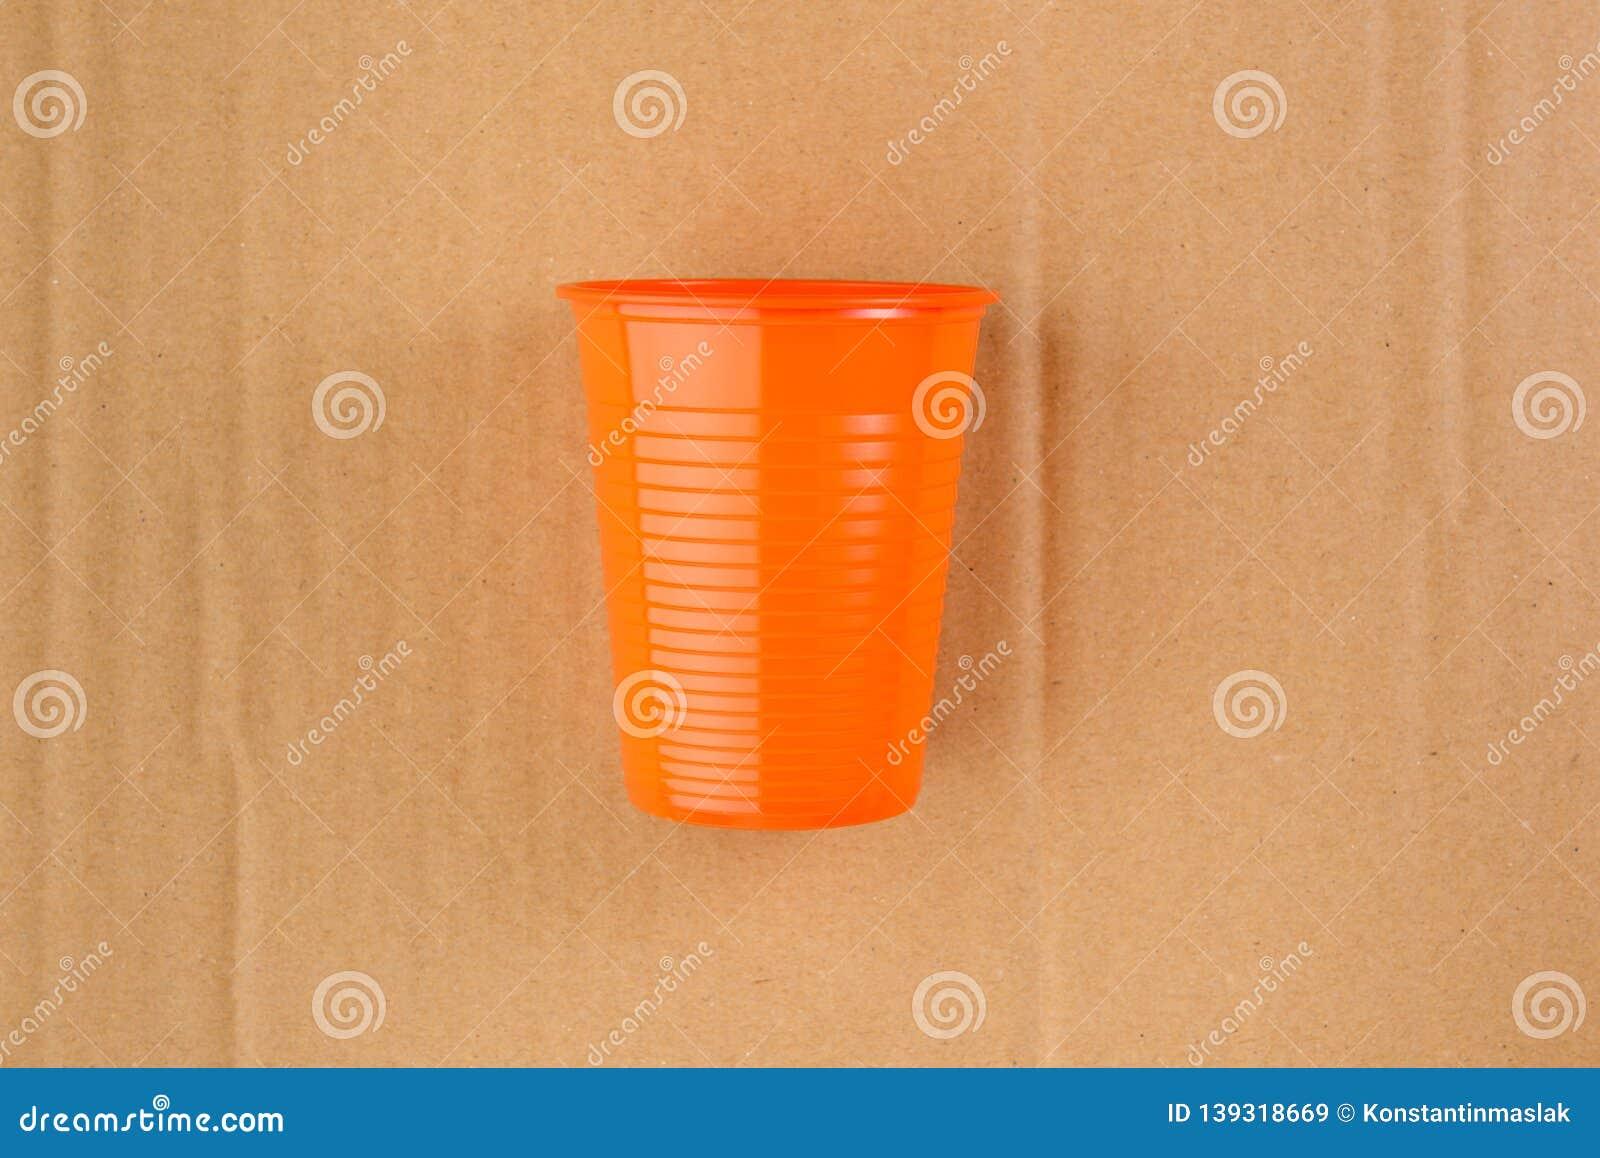 Empty orange plastic cup